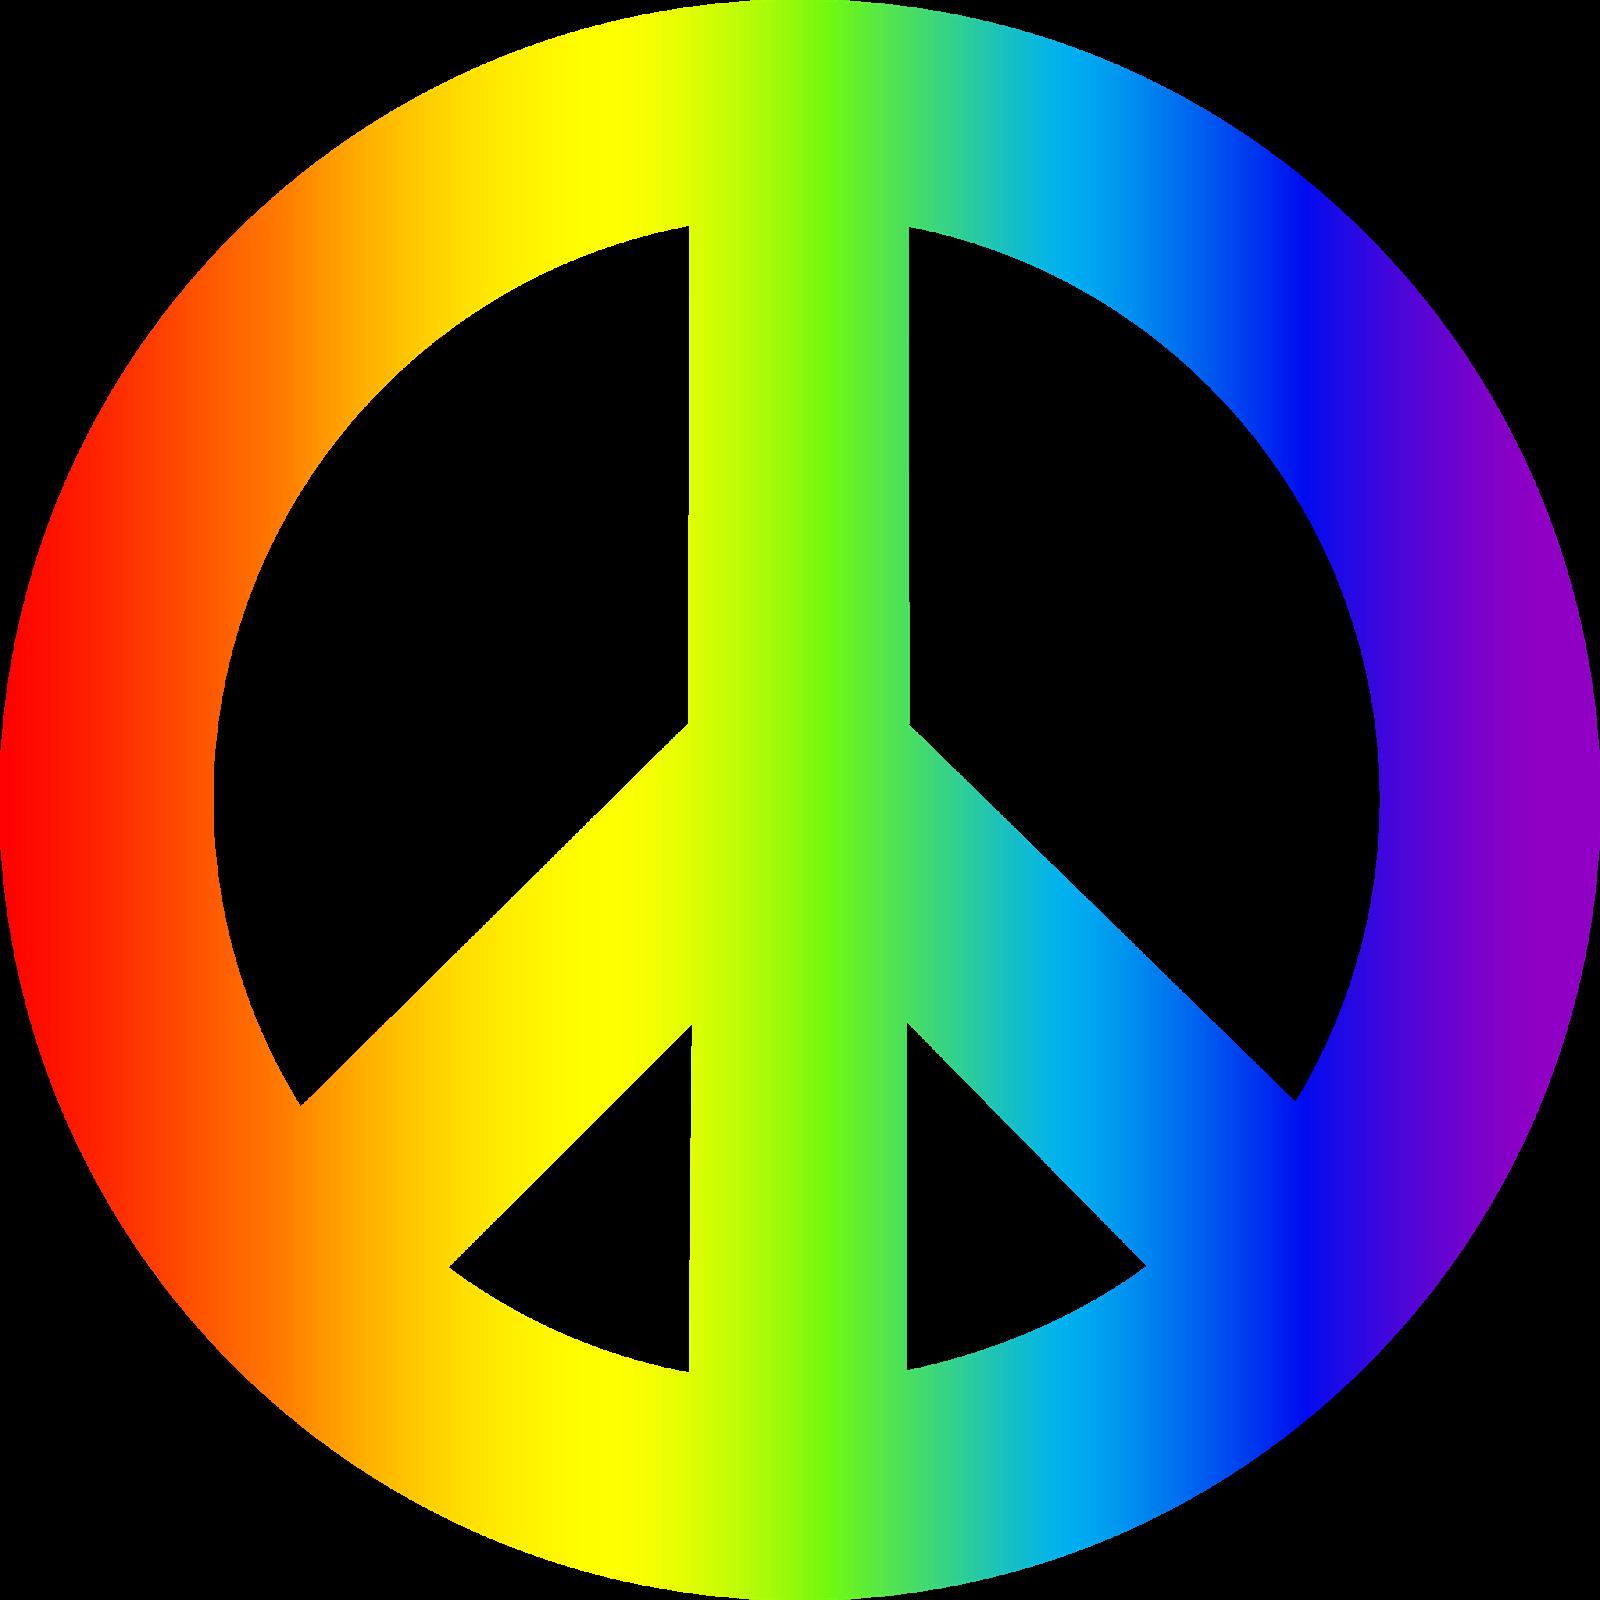 Banco de Imagenes y fotos gratis: Simbolos de la Paz, parte 1